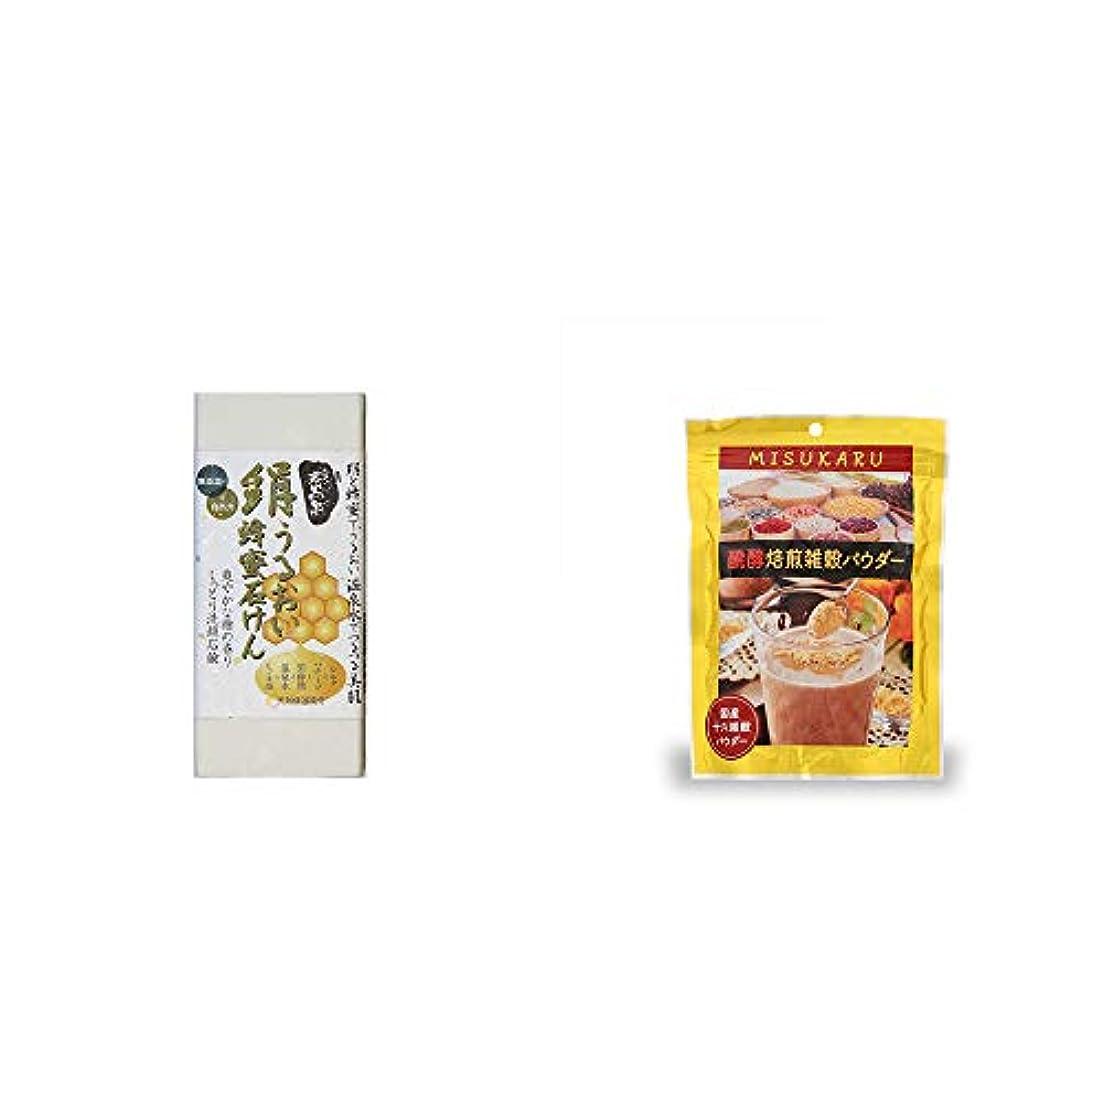 アーサーコナンドイル倫理的鉱石[2点セット] ひのき炭黒泉 絹うるおい蜂蜜石けん(75g×2)?醗酵焙煎雑穀パウダー MISUKARU(ミスカル)(200g)